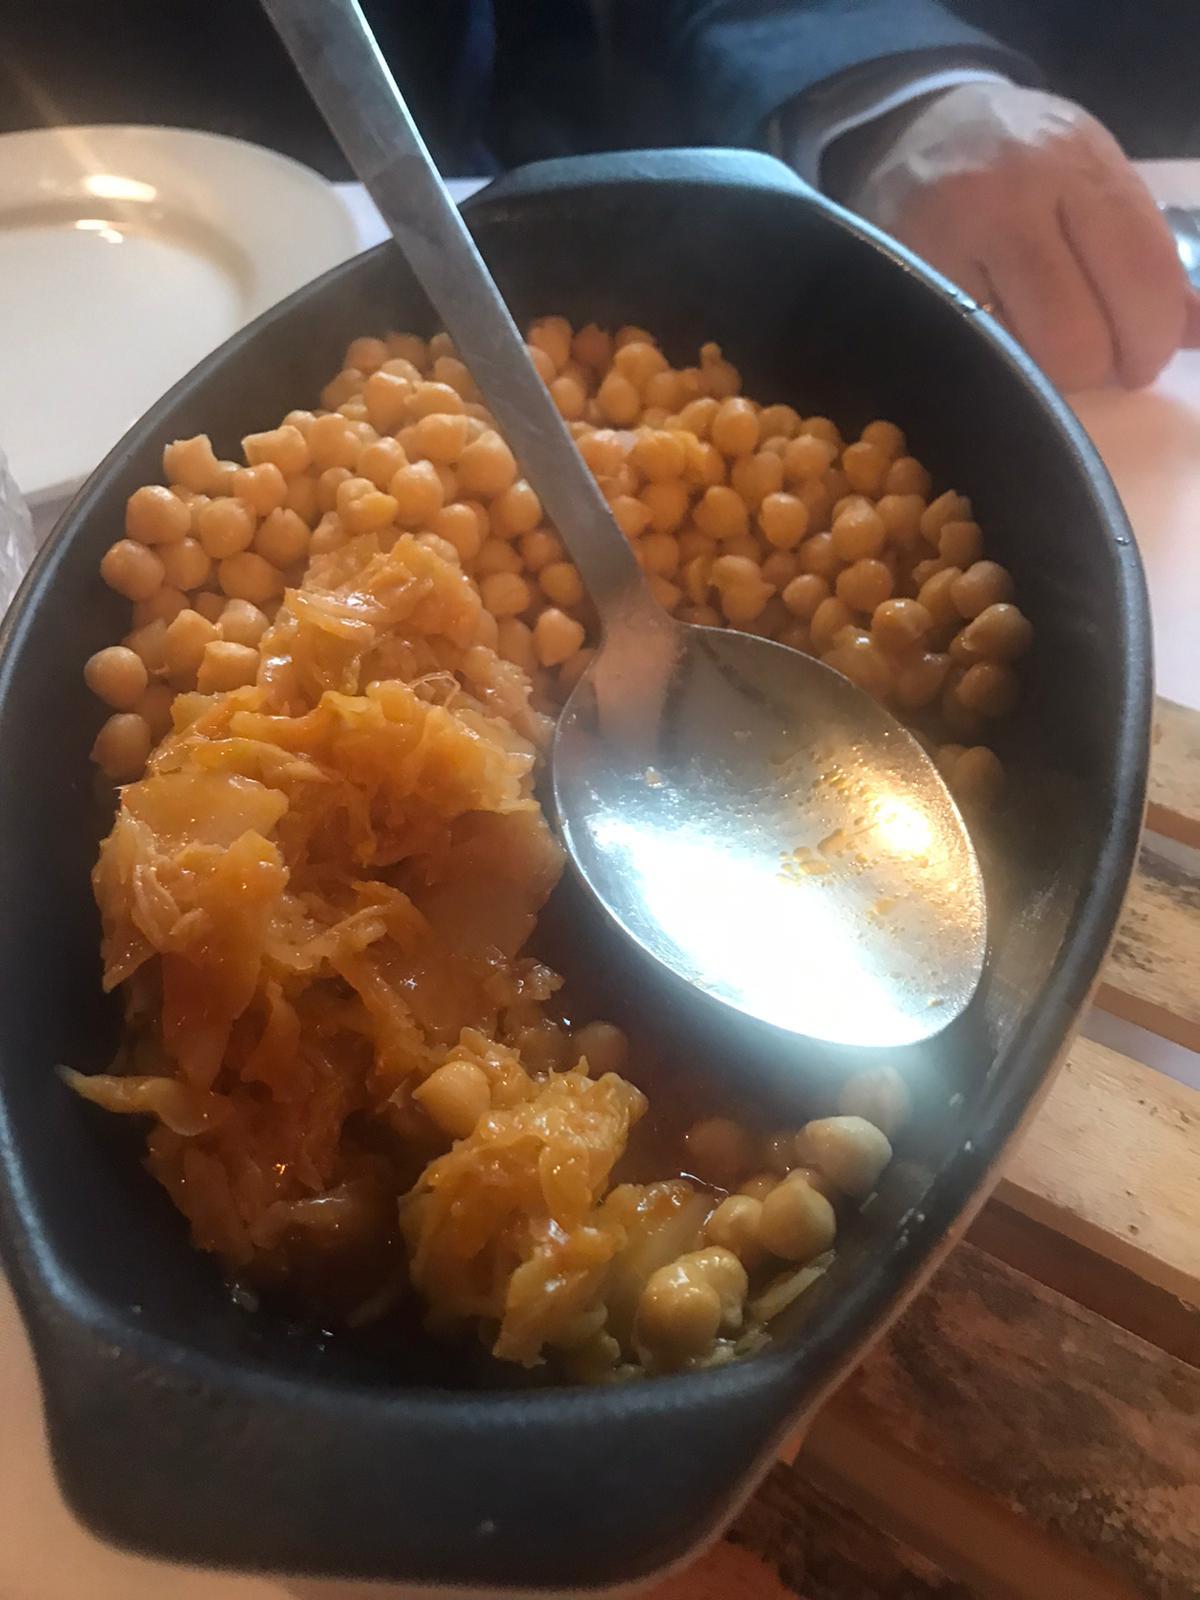 Reseña gastronómica: Restaurante Castrillo de León 4